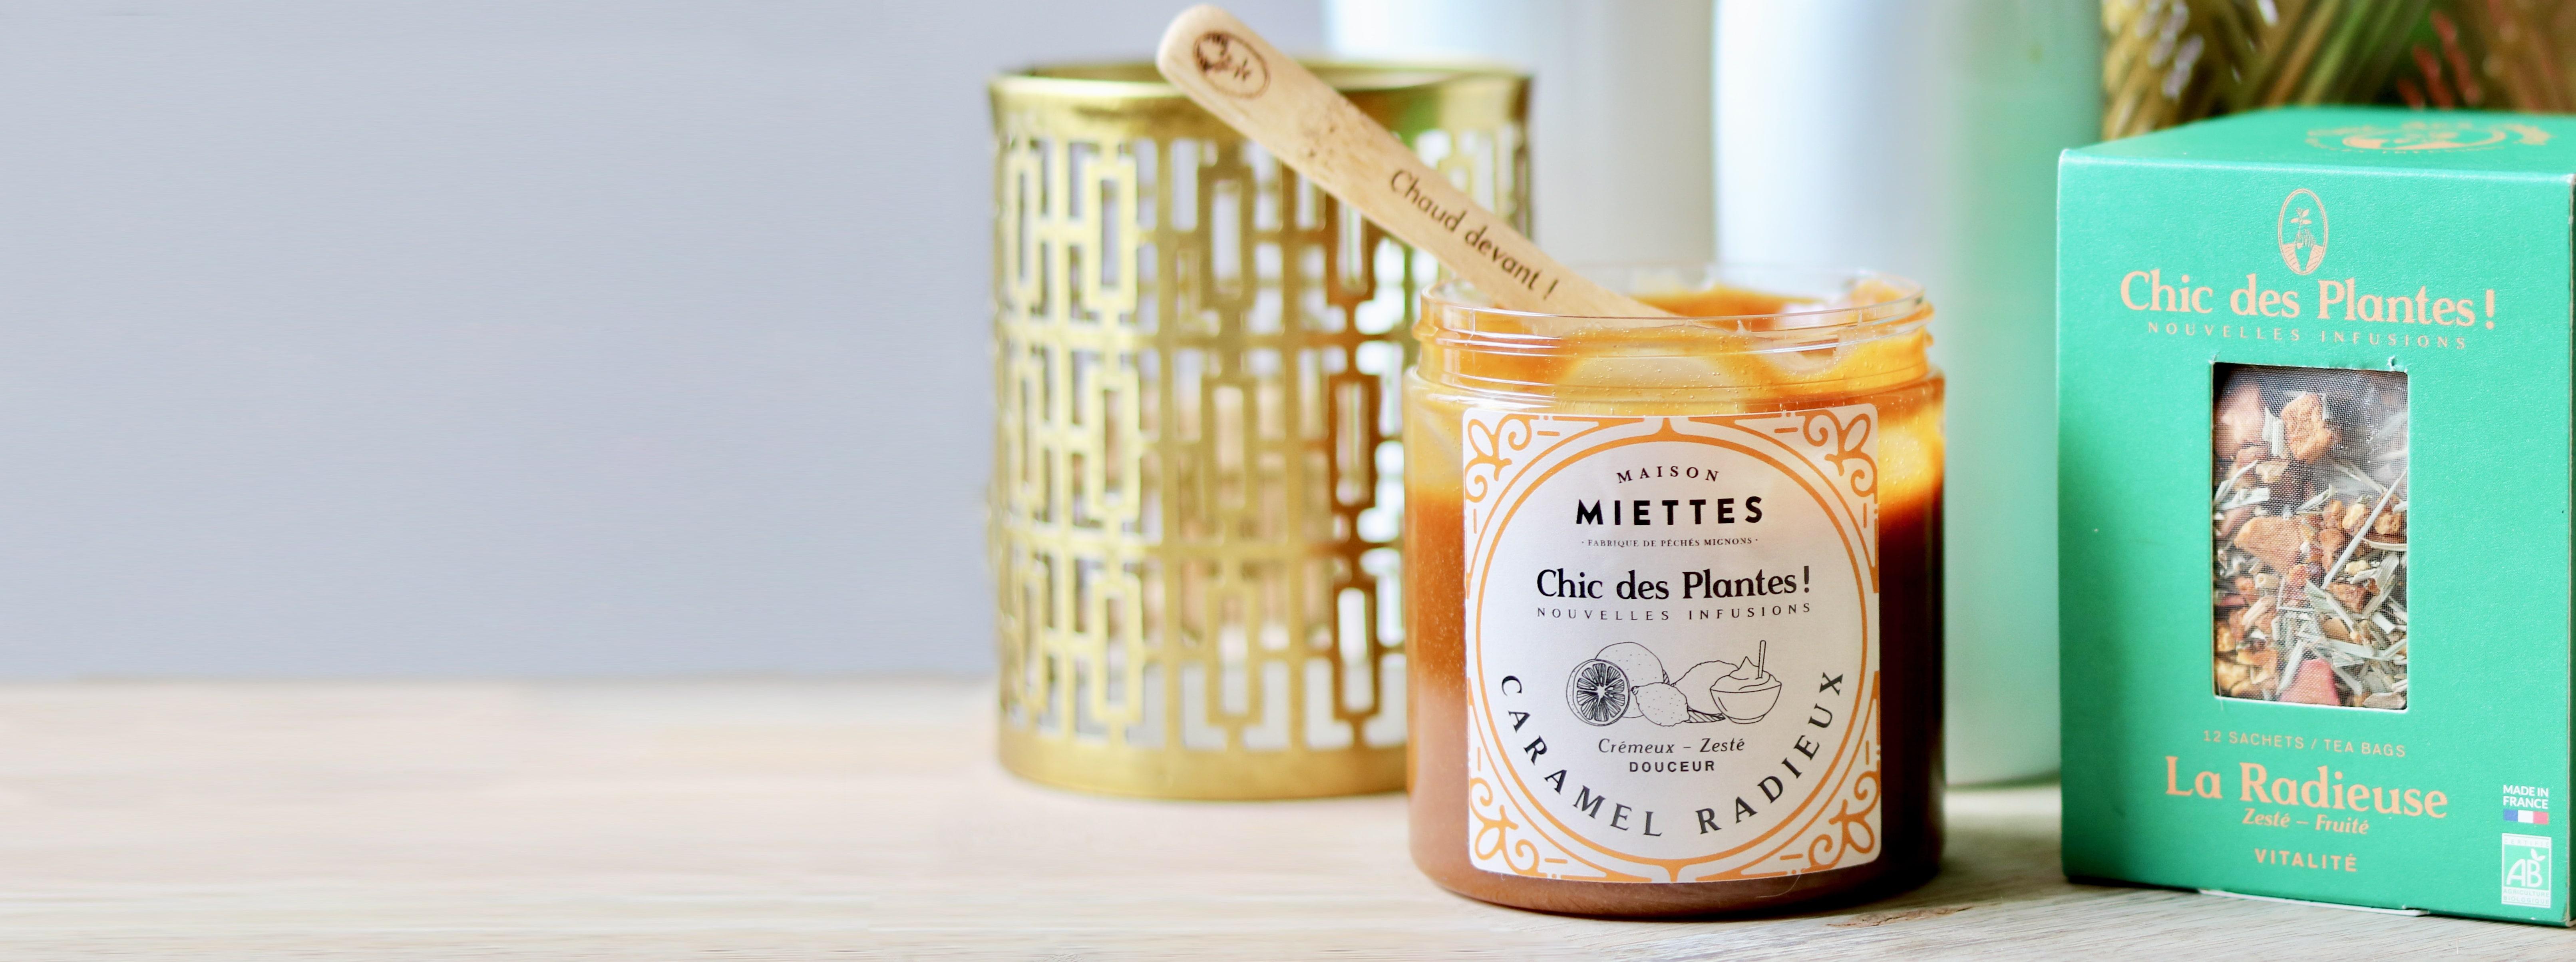 Maison Miettes x Chic des Plantes !